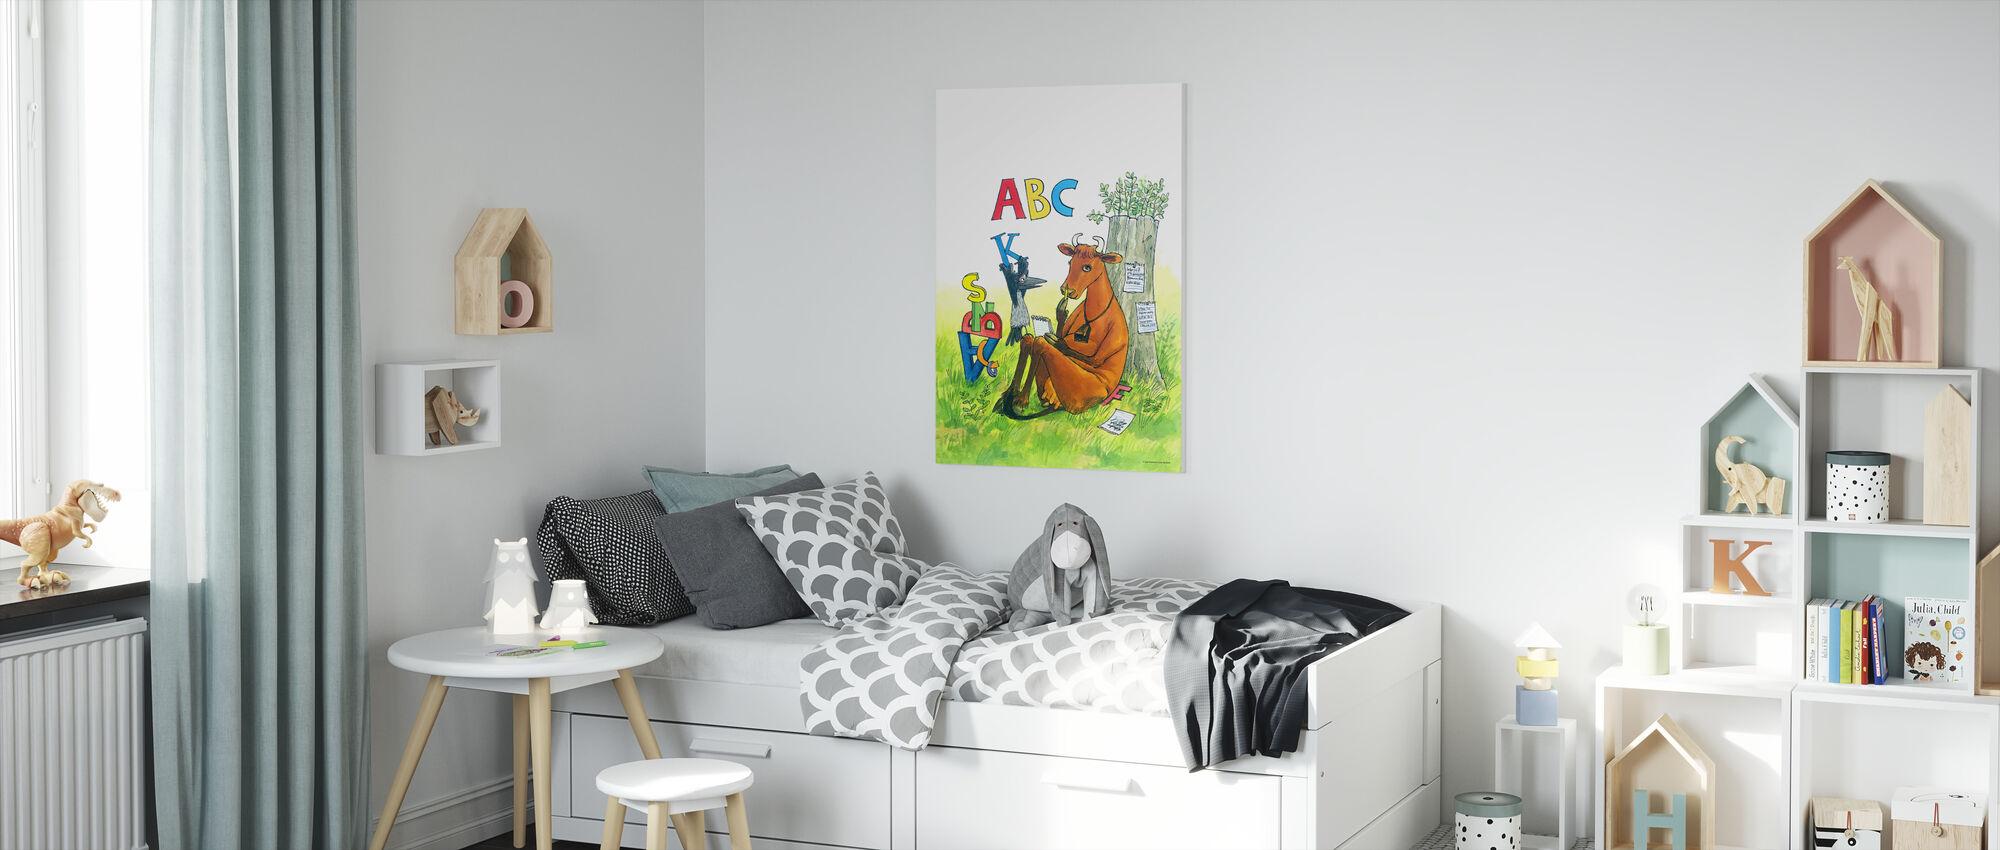 Äiti Mu & Varis - Äiti Mu ABC - Canvastaulu - Lastenhuone